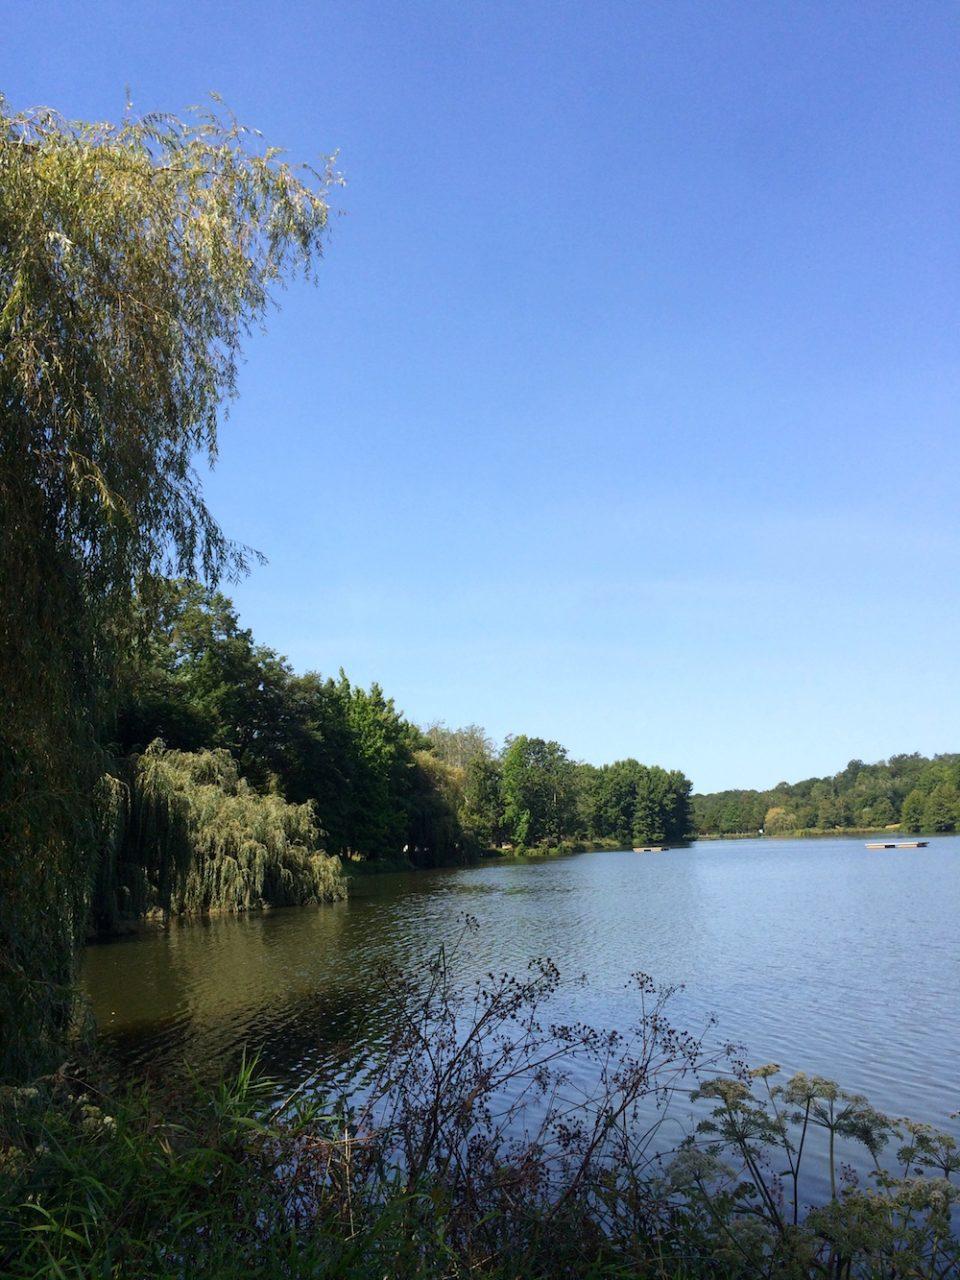 etang-de-saint-paul-les-dax